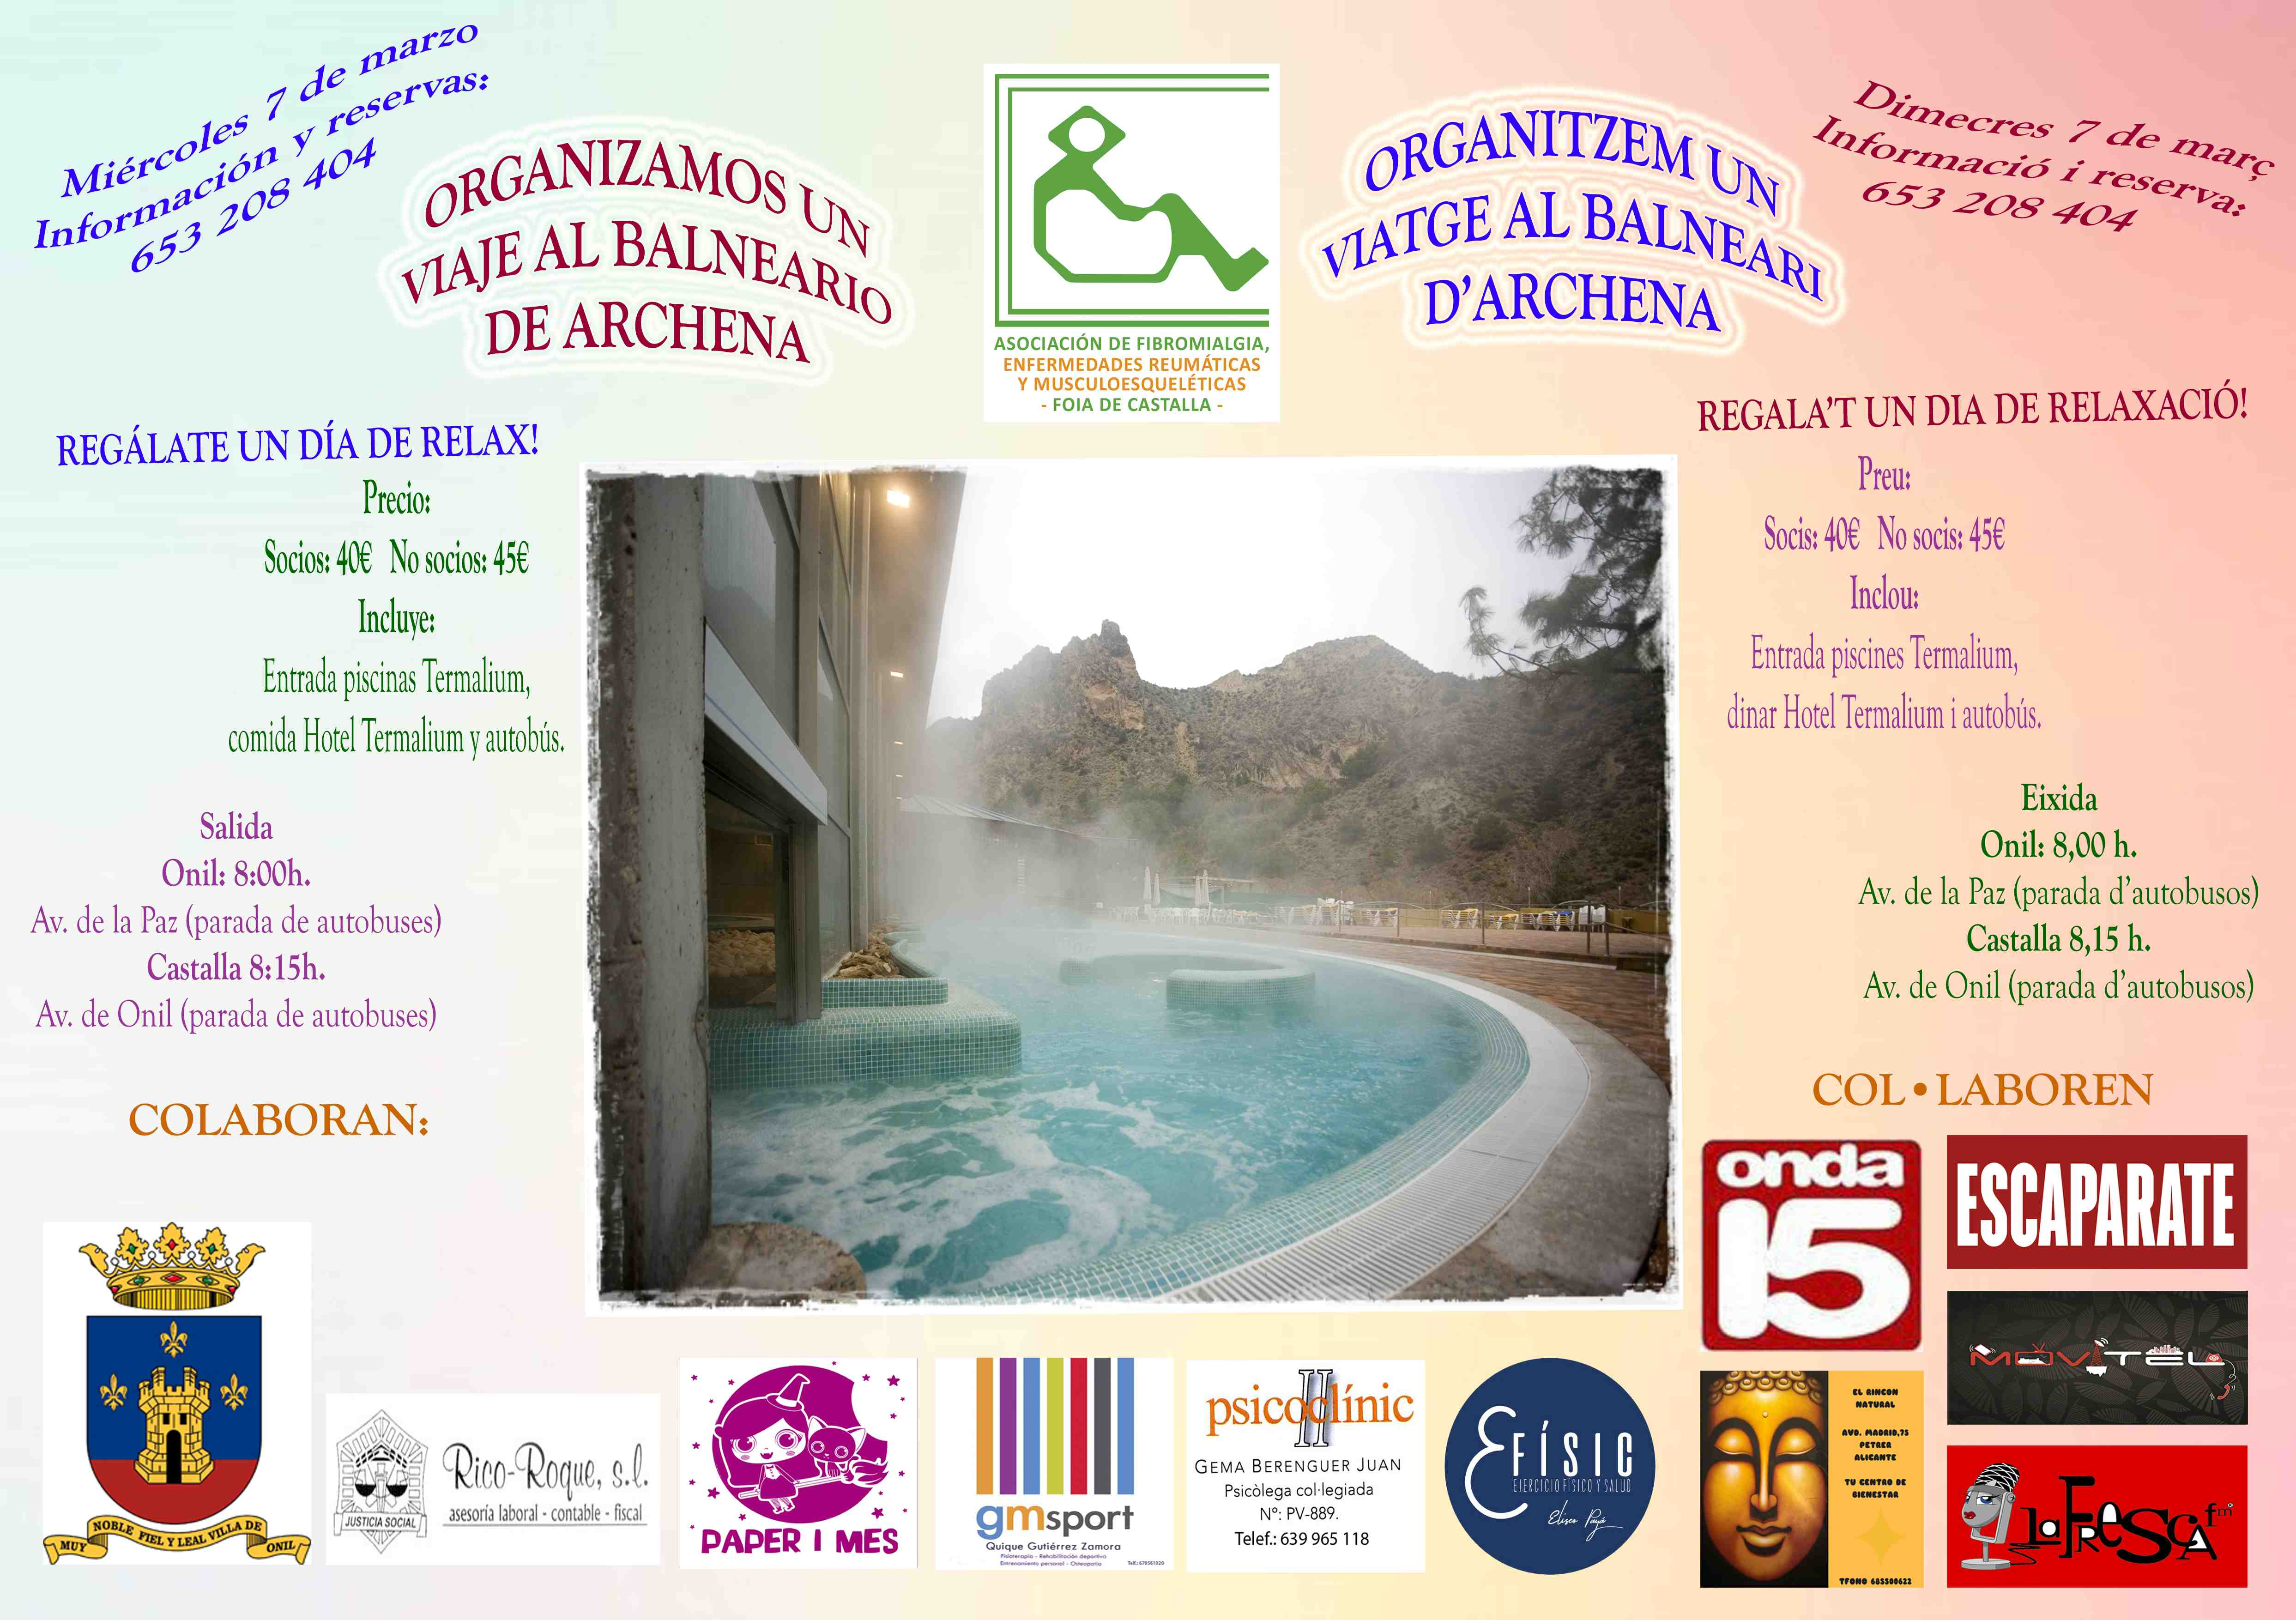 Viaje al balneario de Archena y charla sobre alimentación, nuevos eventos de la Asociación de Fibromialgia de la Foia